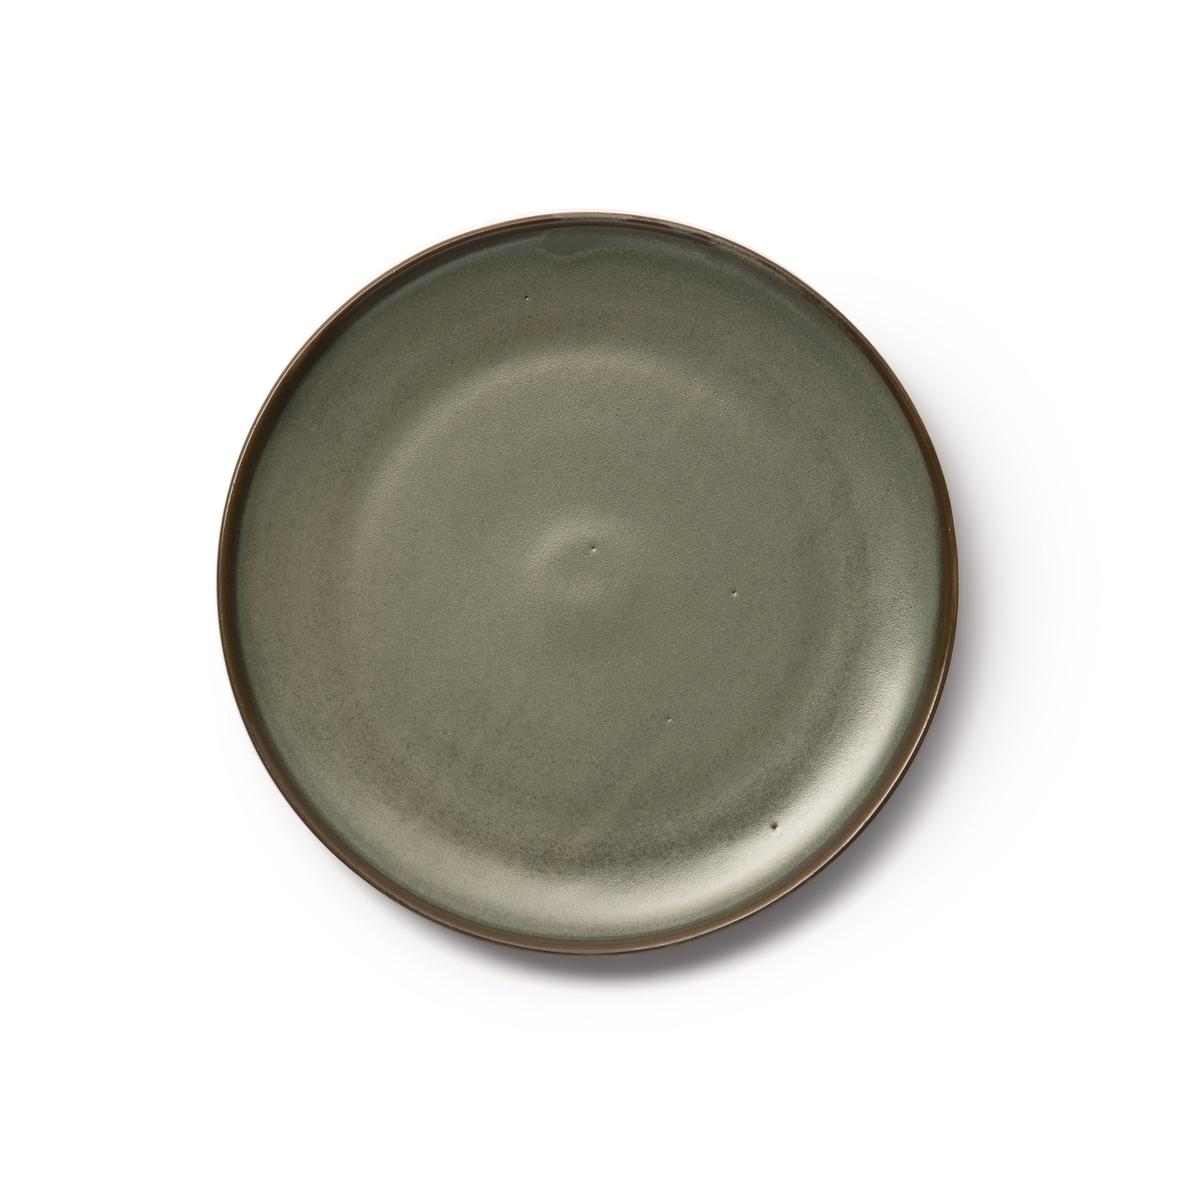 Десертные La Redoute Тарелки из глазурованной керамики Akira единый размер зеленый чашки la redoute из керамики shima единый размер зеленый